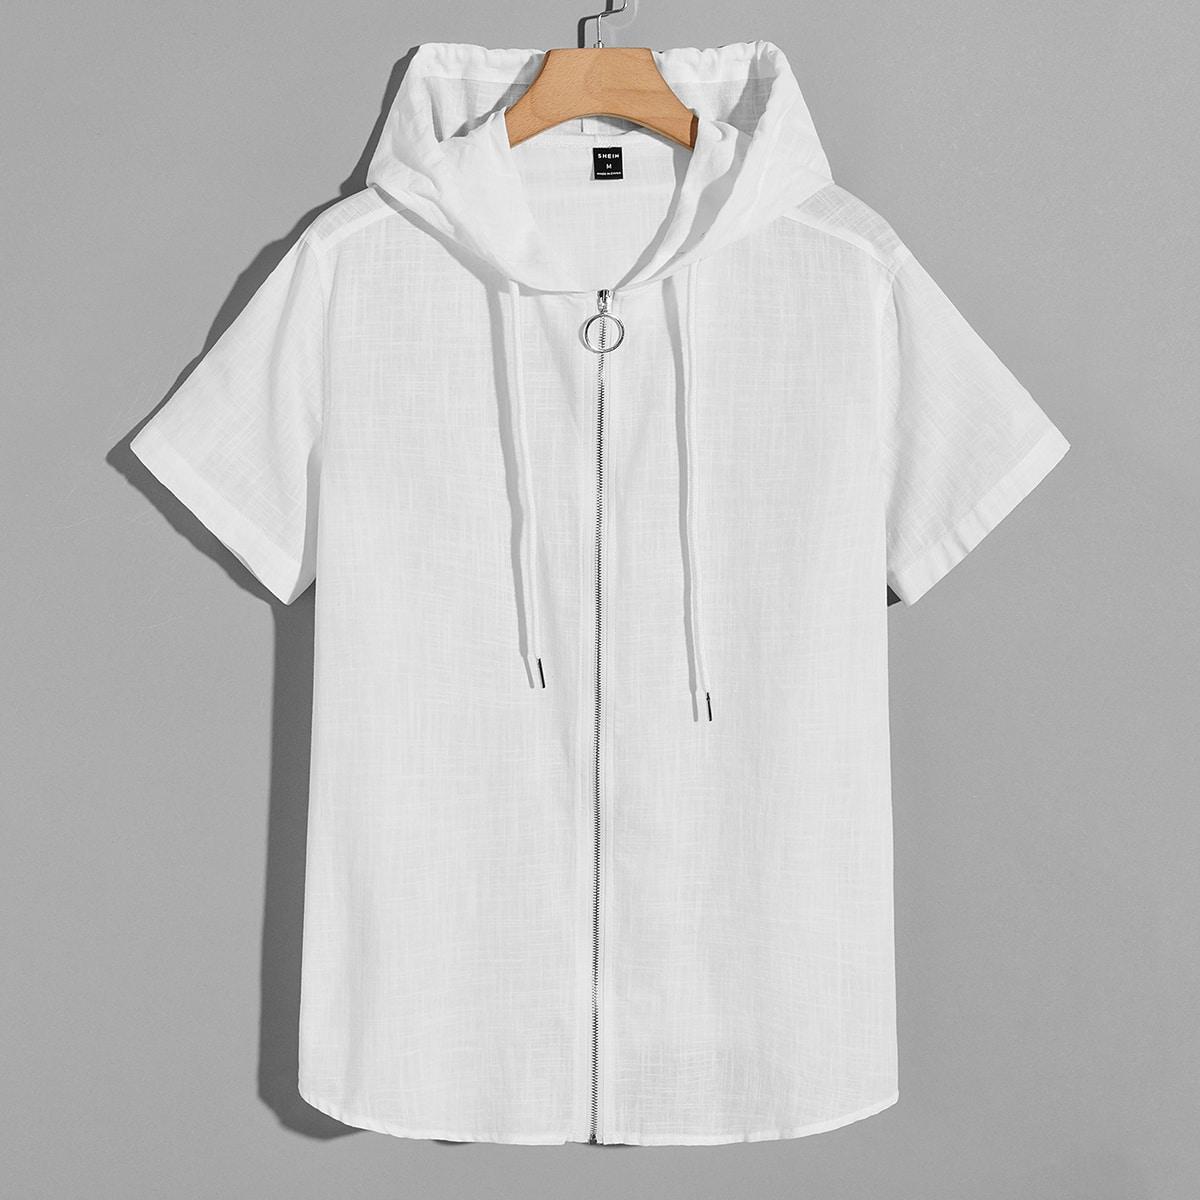 Мужской Рубашка на молнии с капюшоном